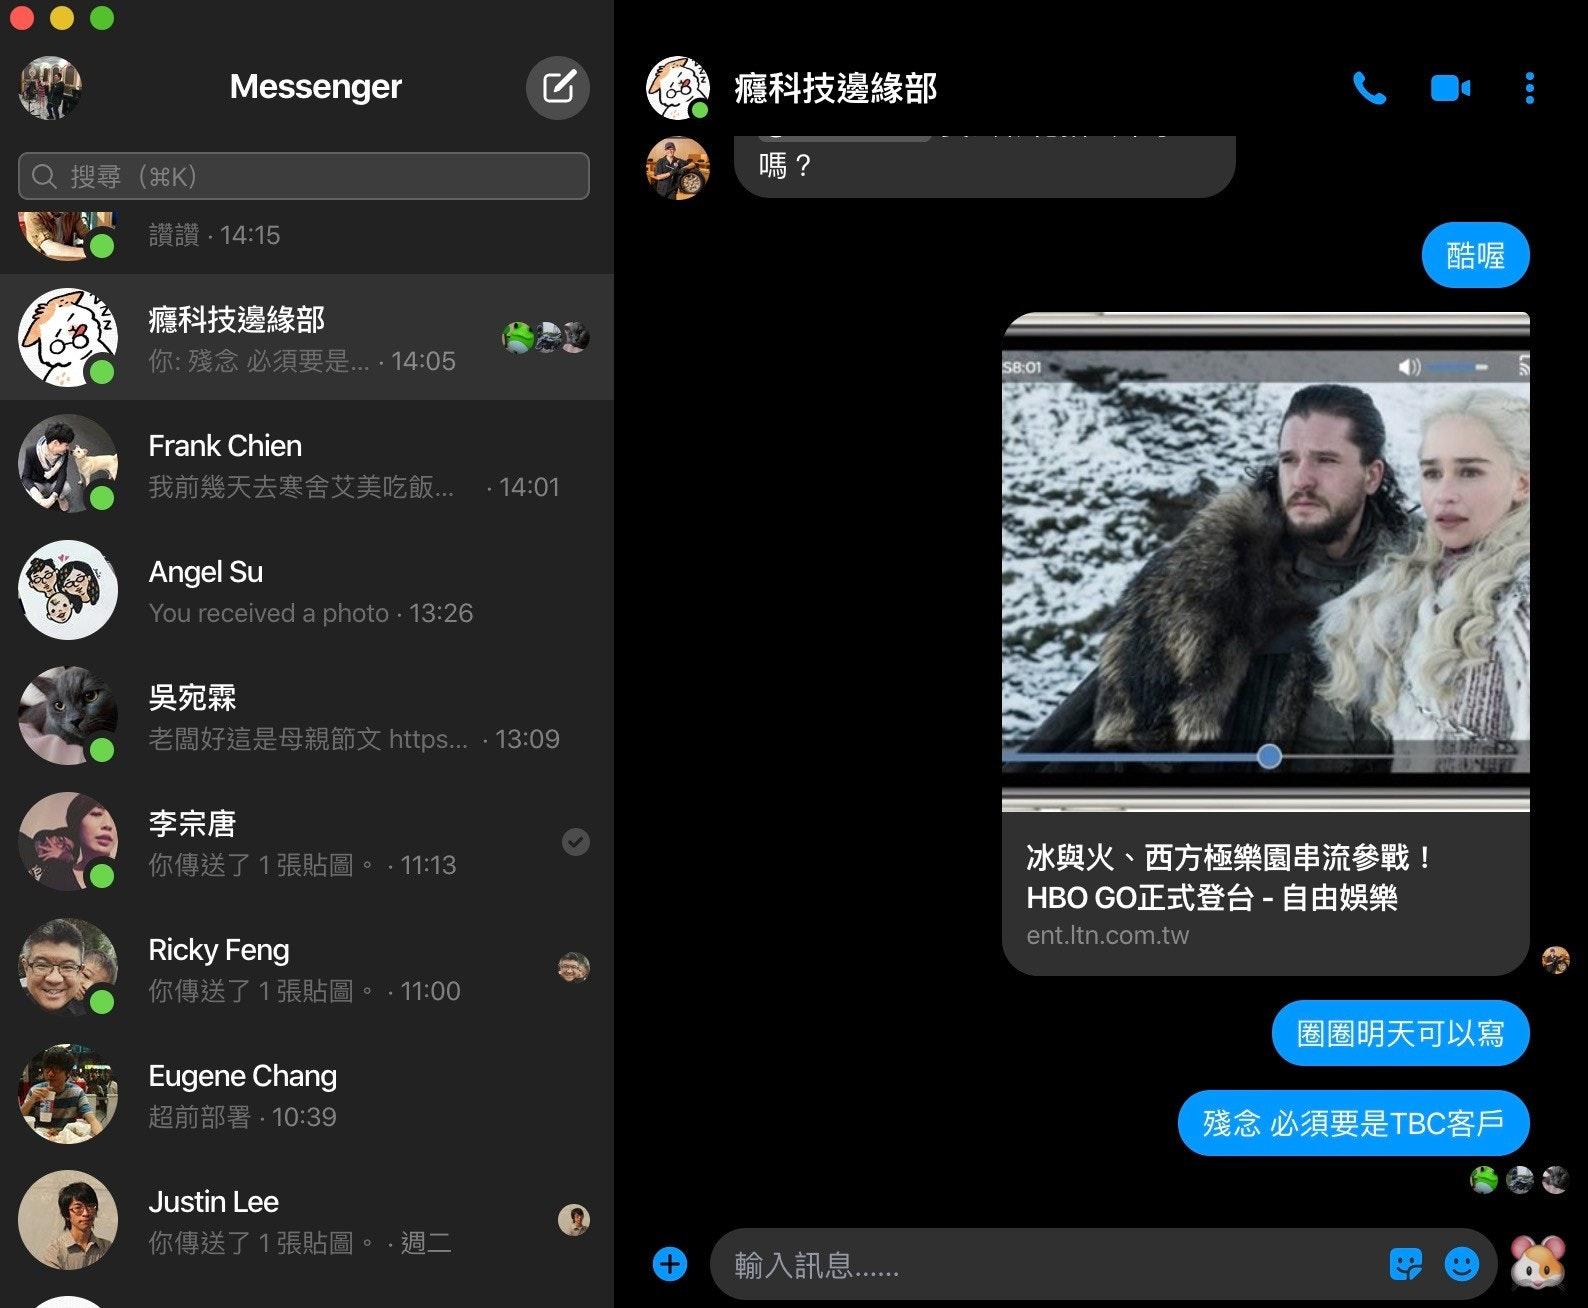 照片中提到了Messenger、癮科技邊緣部、搜尋(8K),跟比德龍卡有關,包含了屏幕截圖、計算機程序、編輯中、屏幕截圖、多媒體